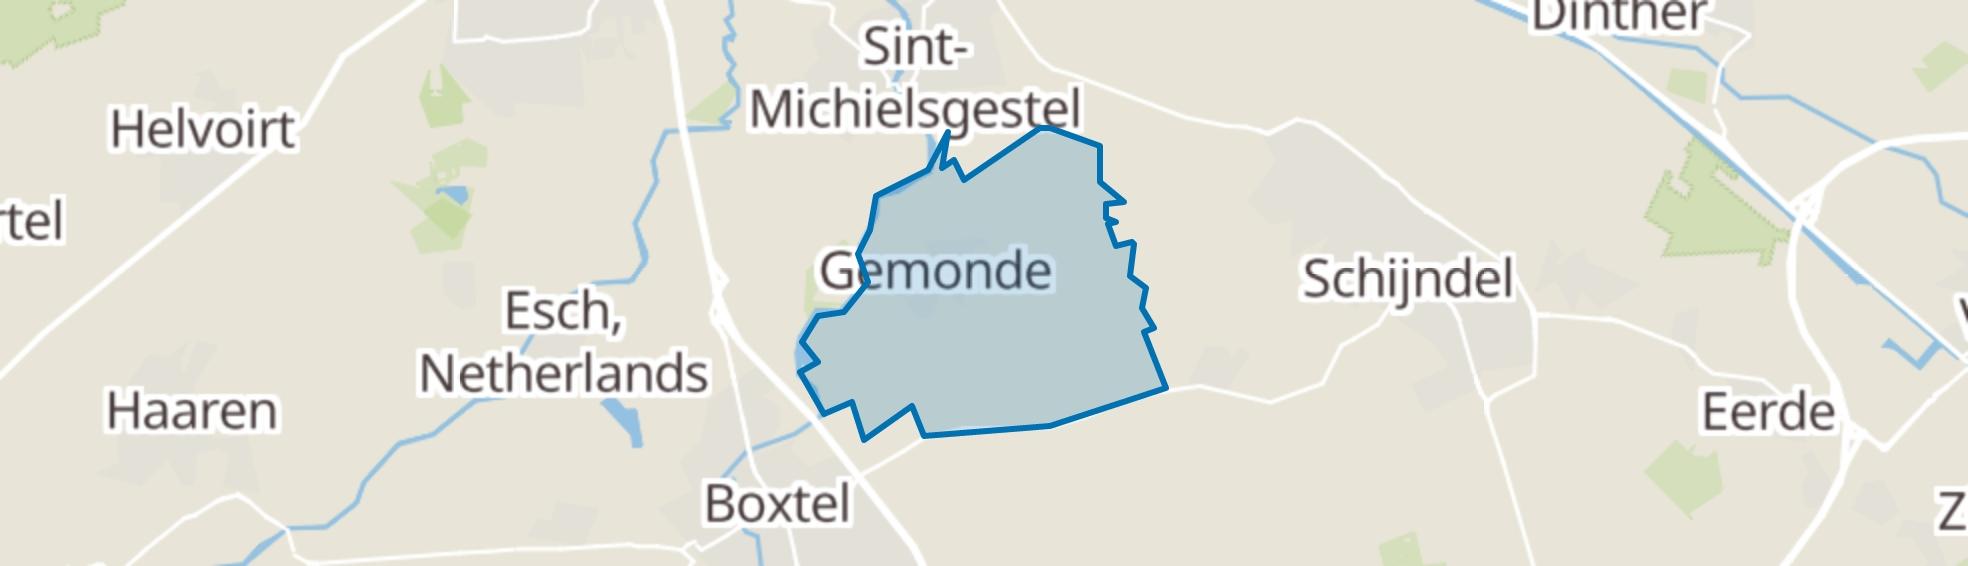 Gemonde map